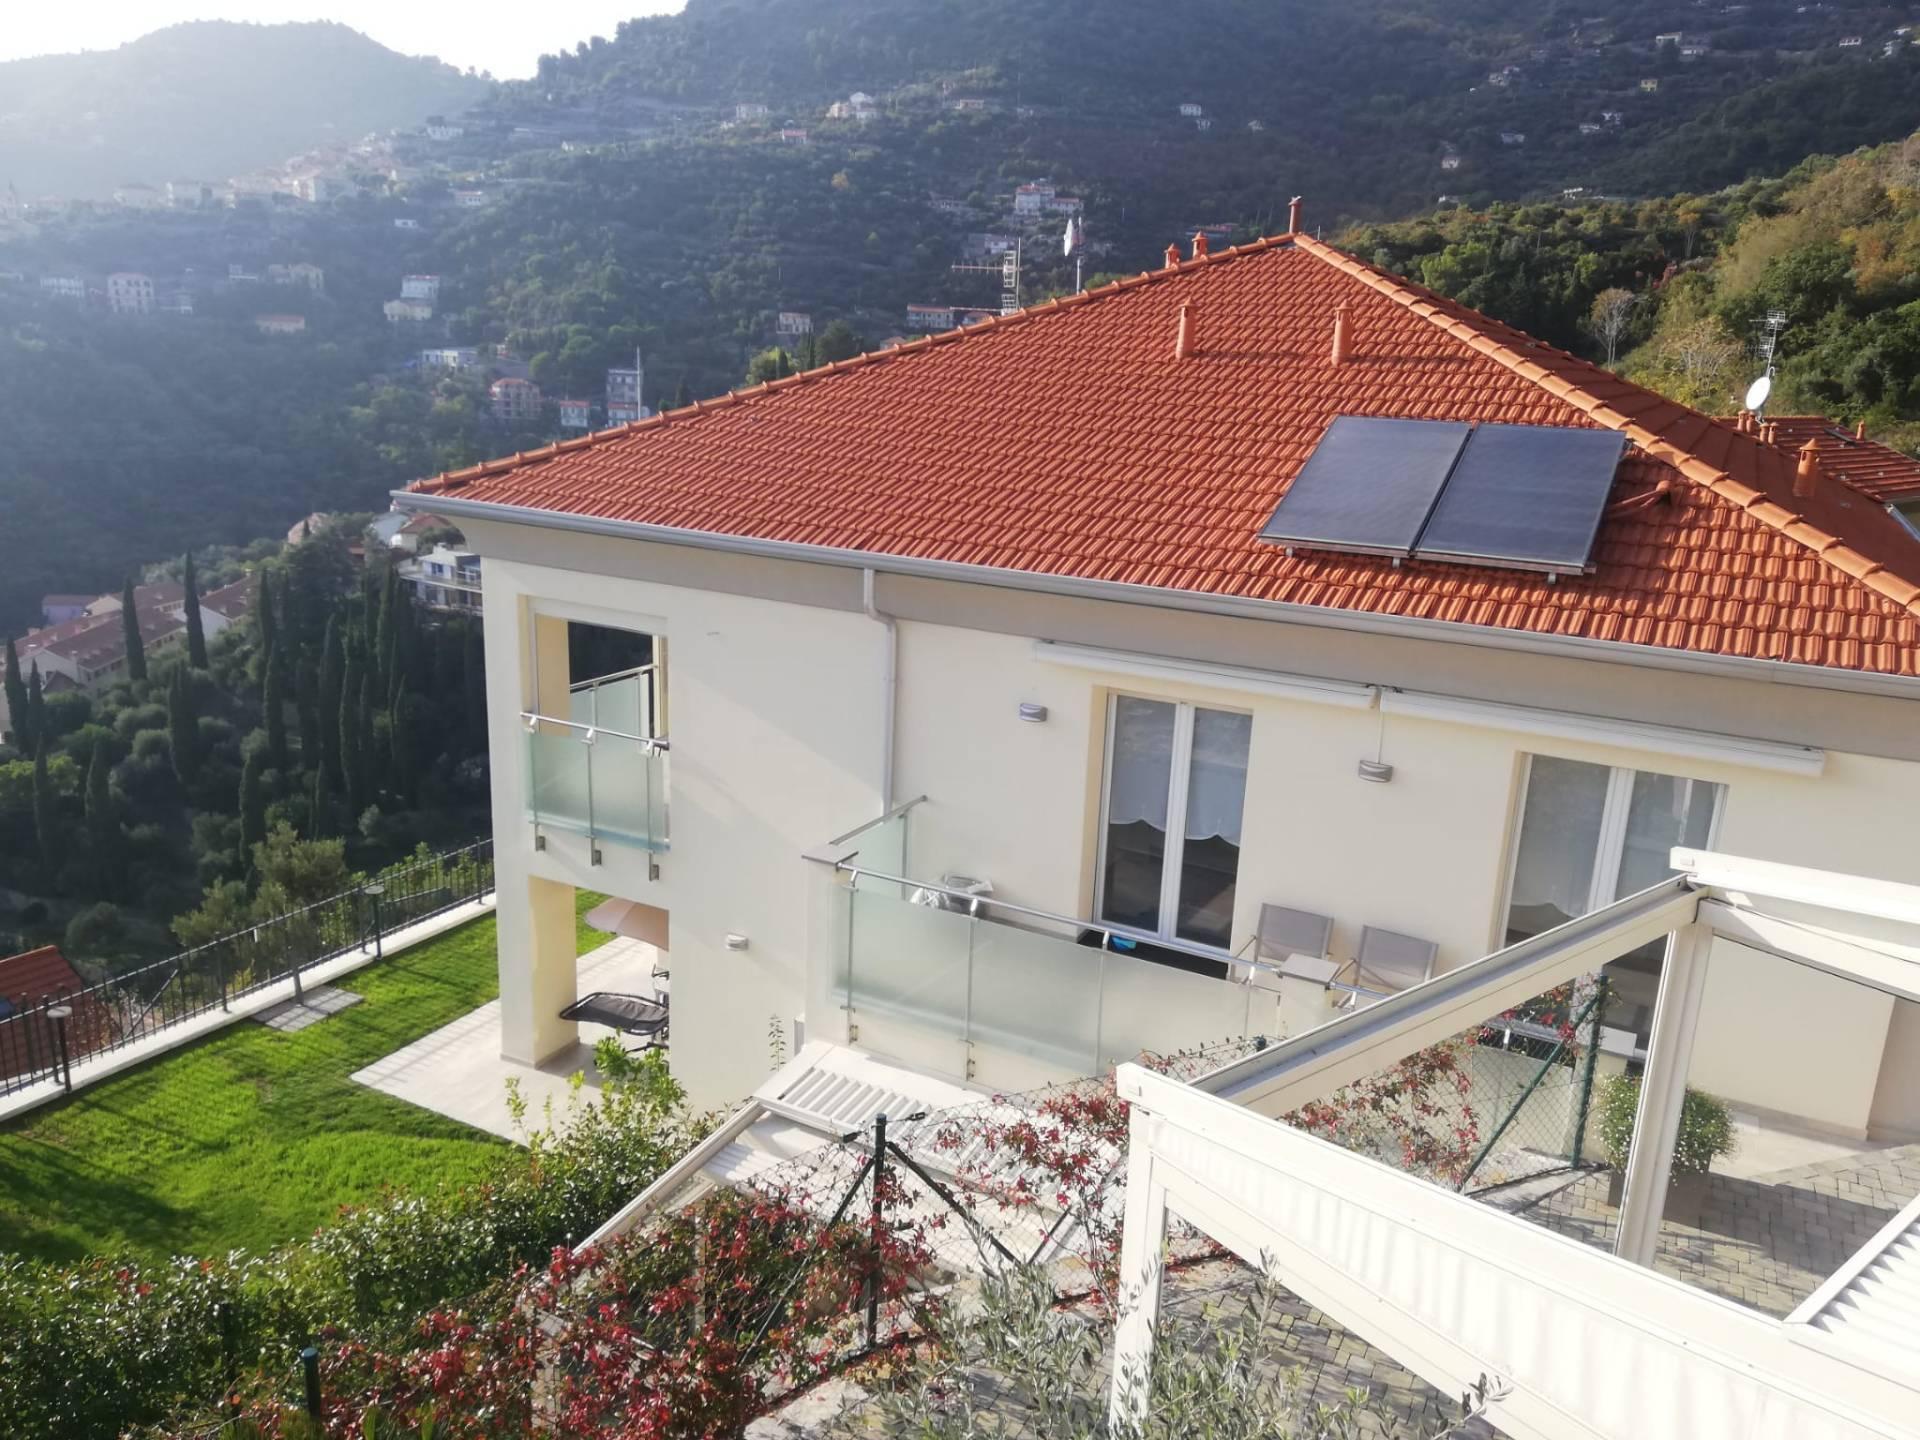 Soluzione Indipendente in affitto a Alassio, 3 locali, Trattative riservate | CambioCasa.it